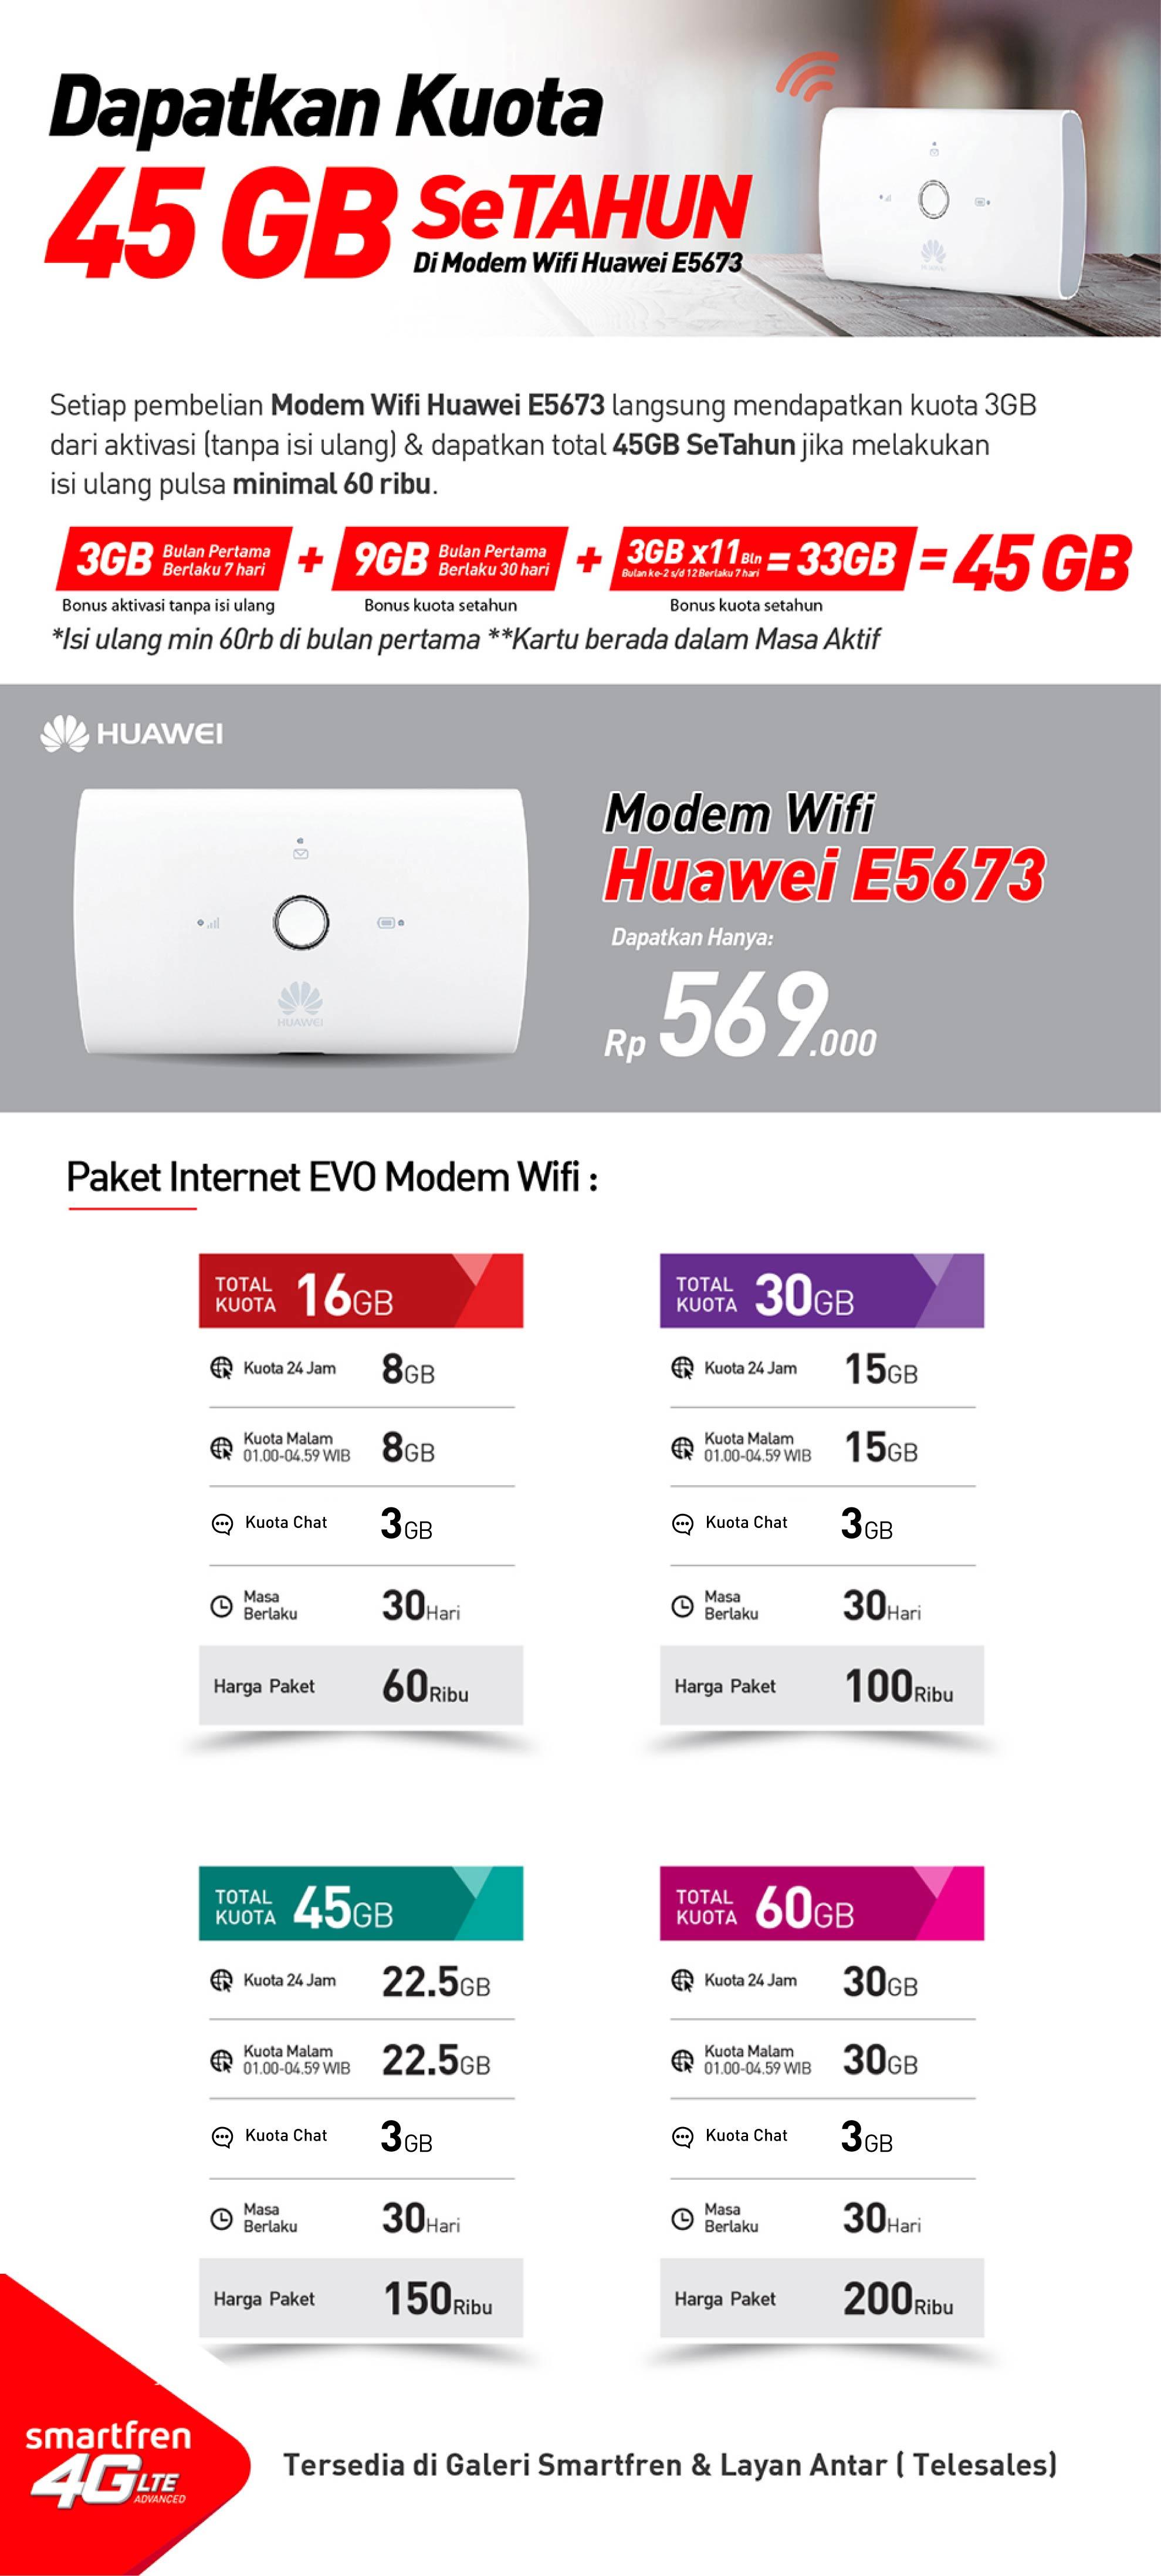 Huawei E5673 Voucher Smartfren 3 Gb Review